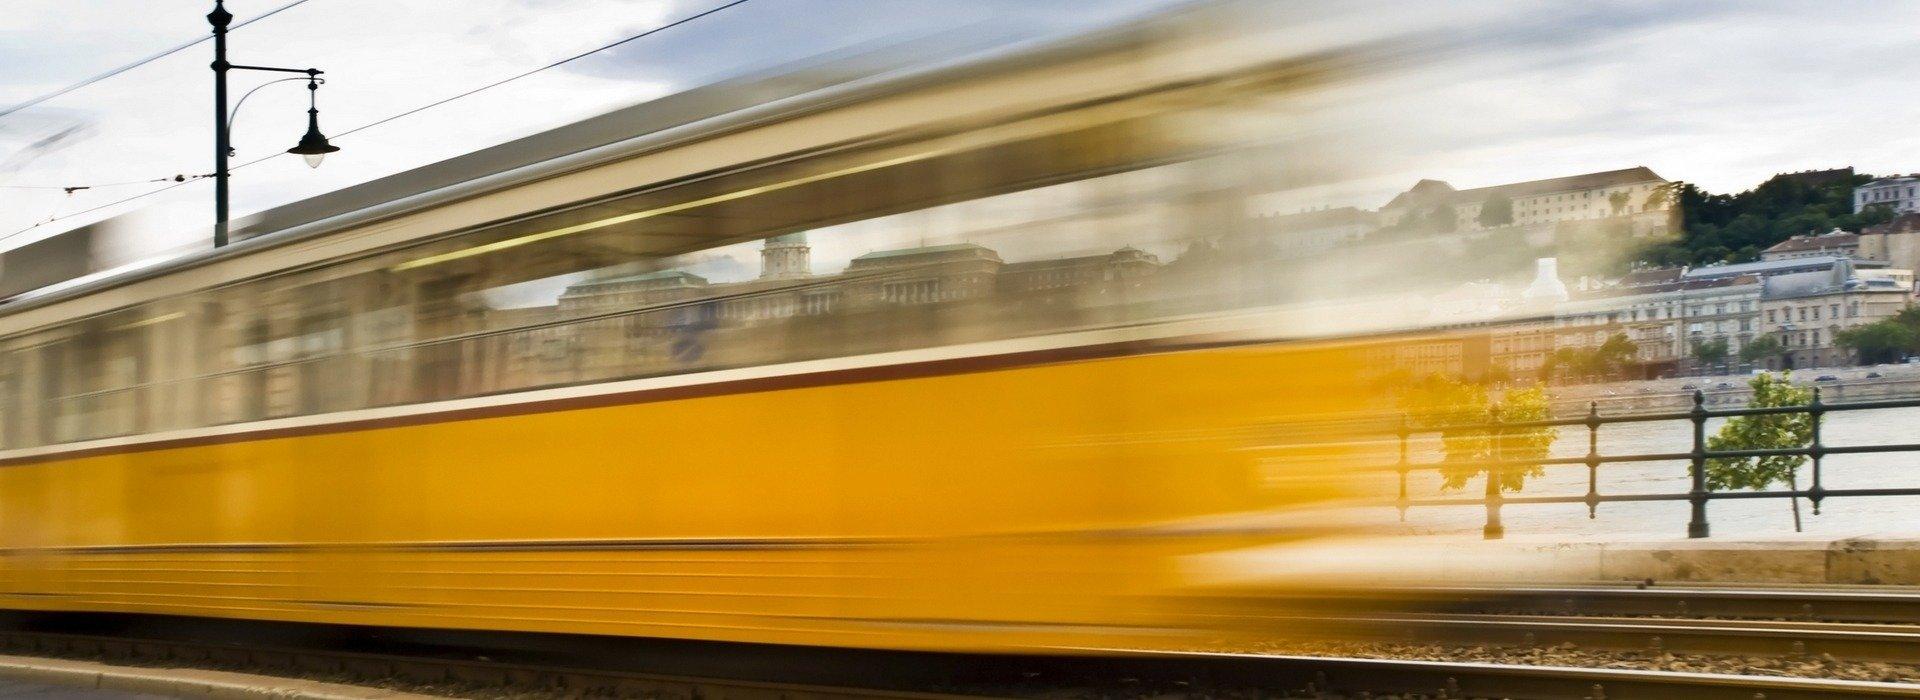 Reise innerhalb Budapest – Budapest Massenverkehr